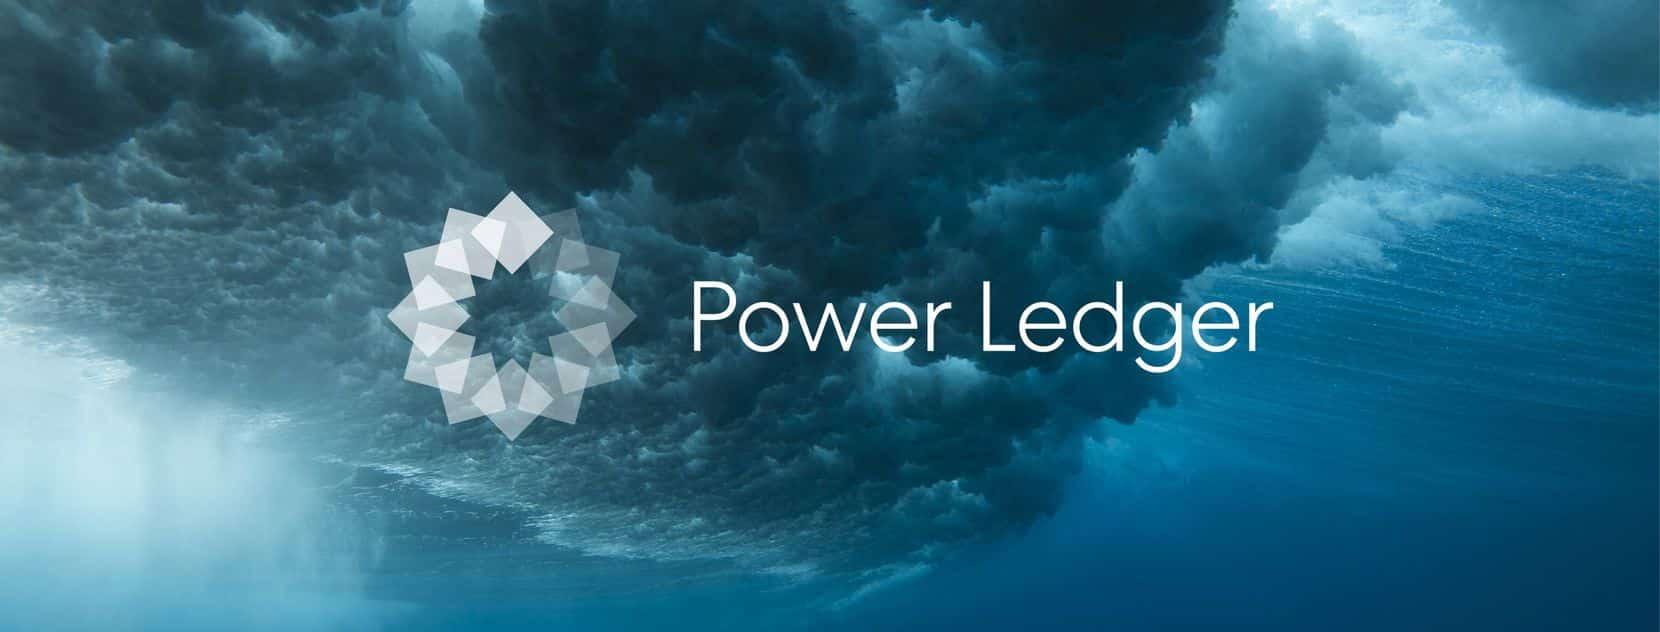 Power Ledger Header